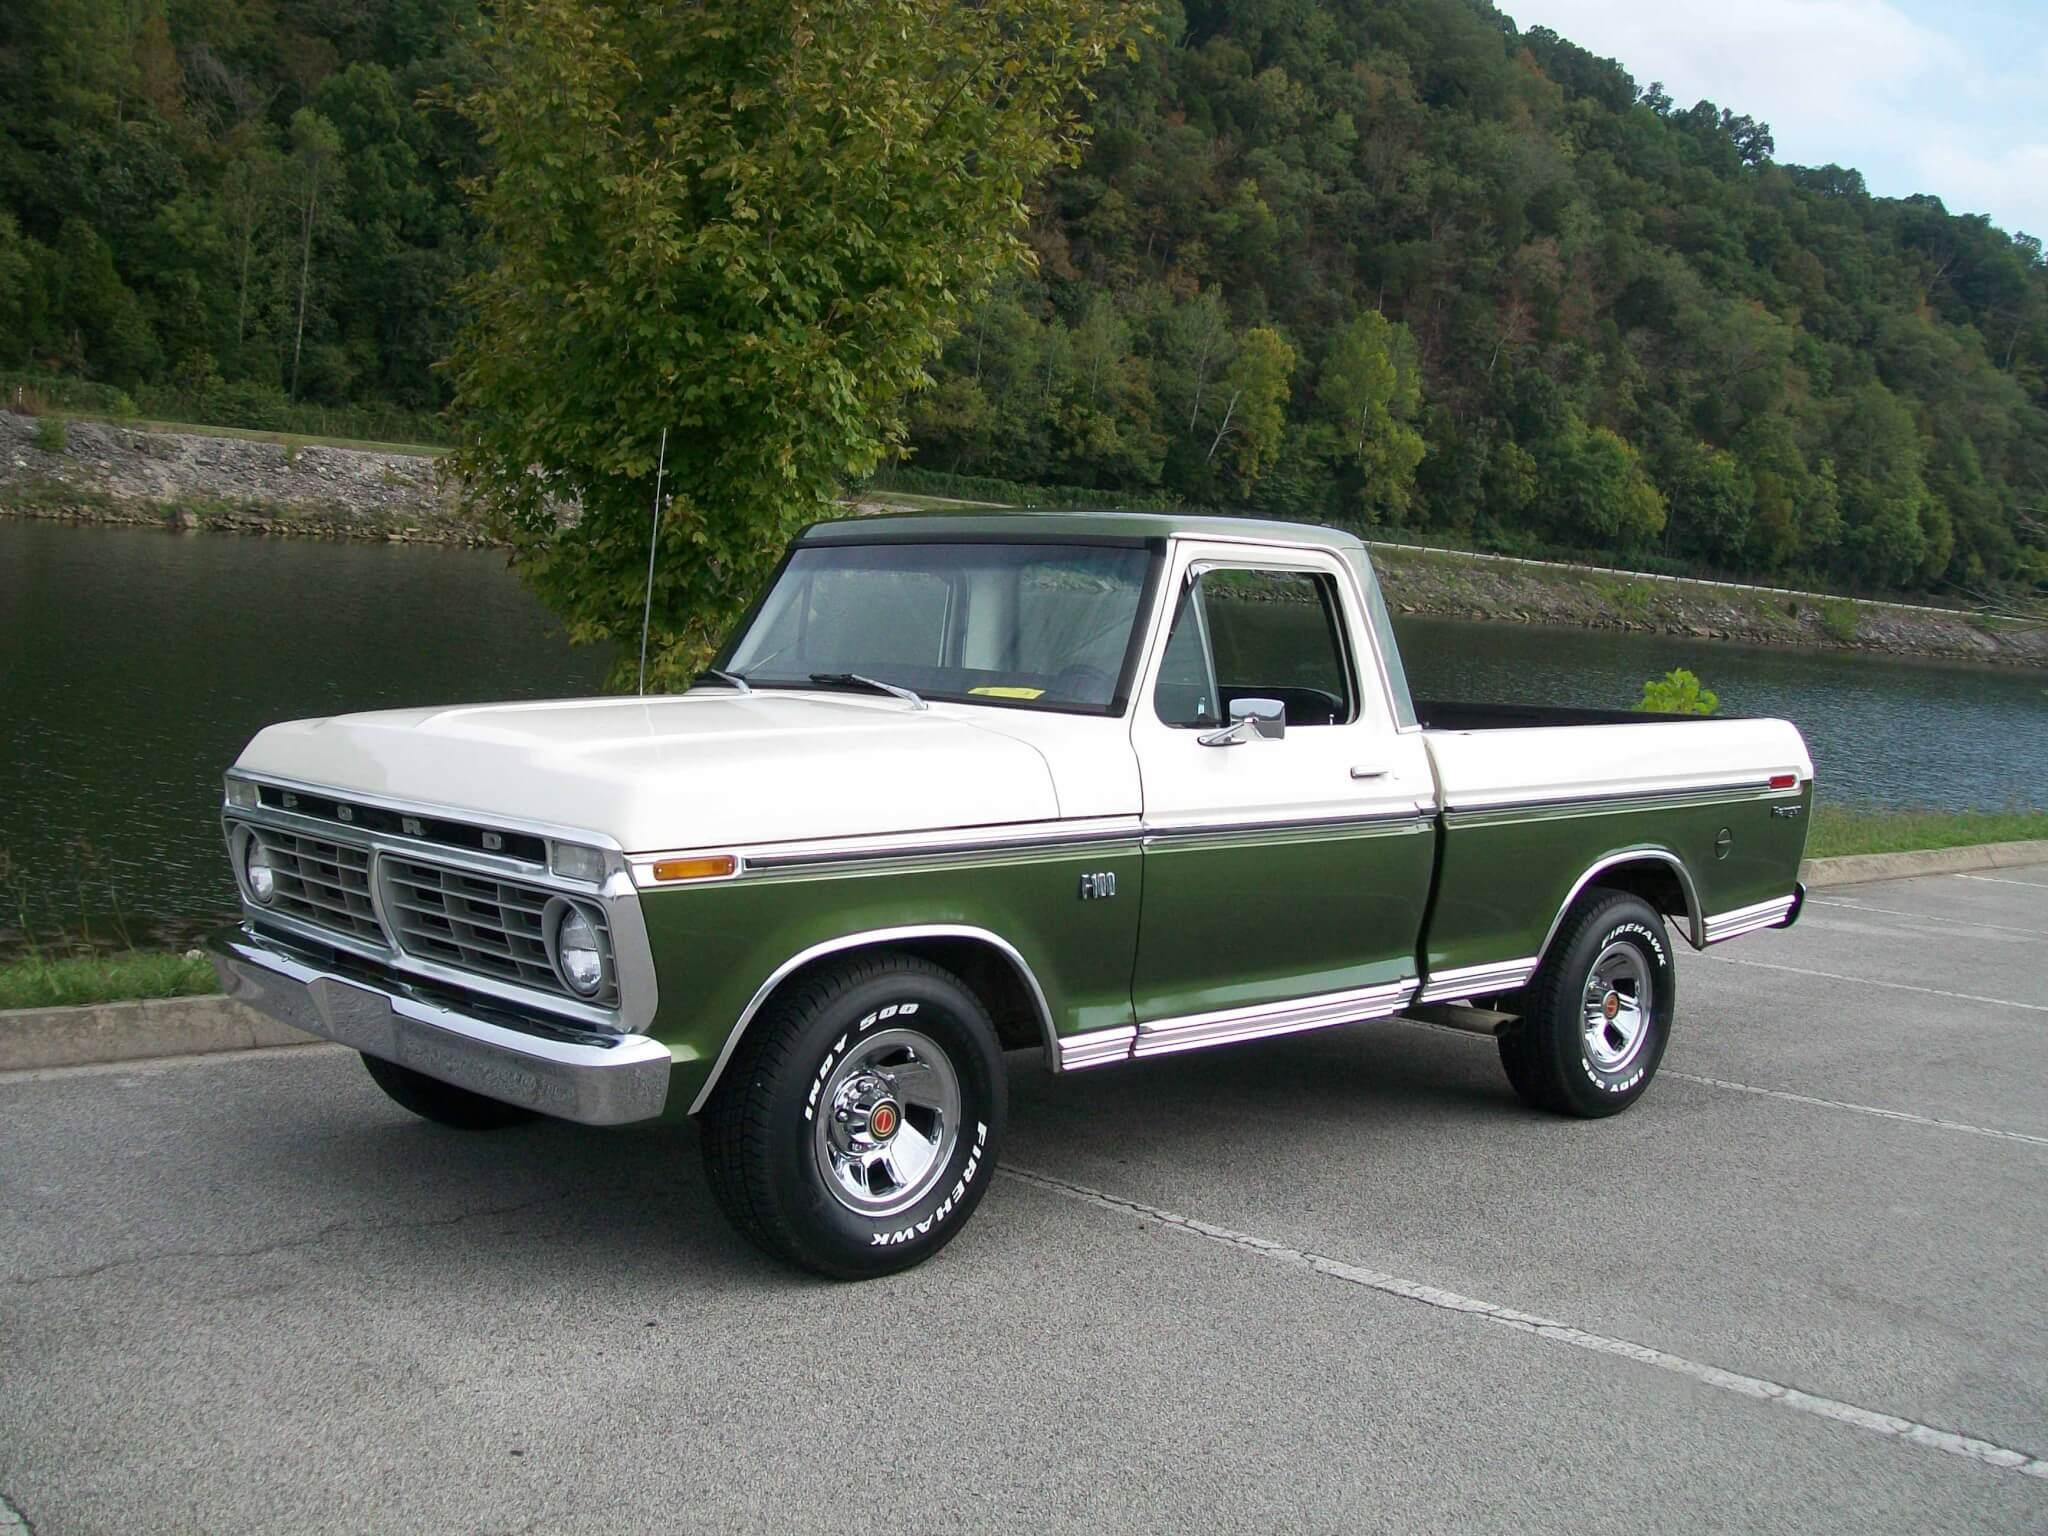 1974 Ford F100 LMC Truck Life